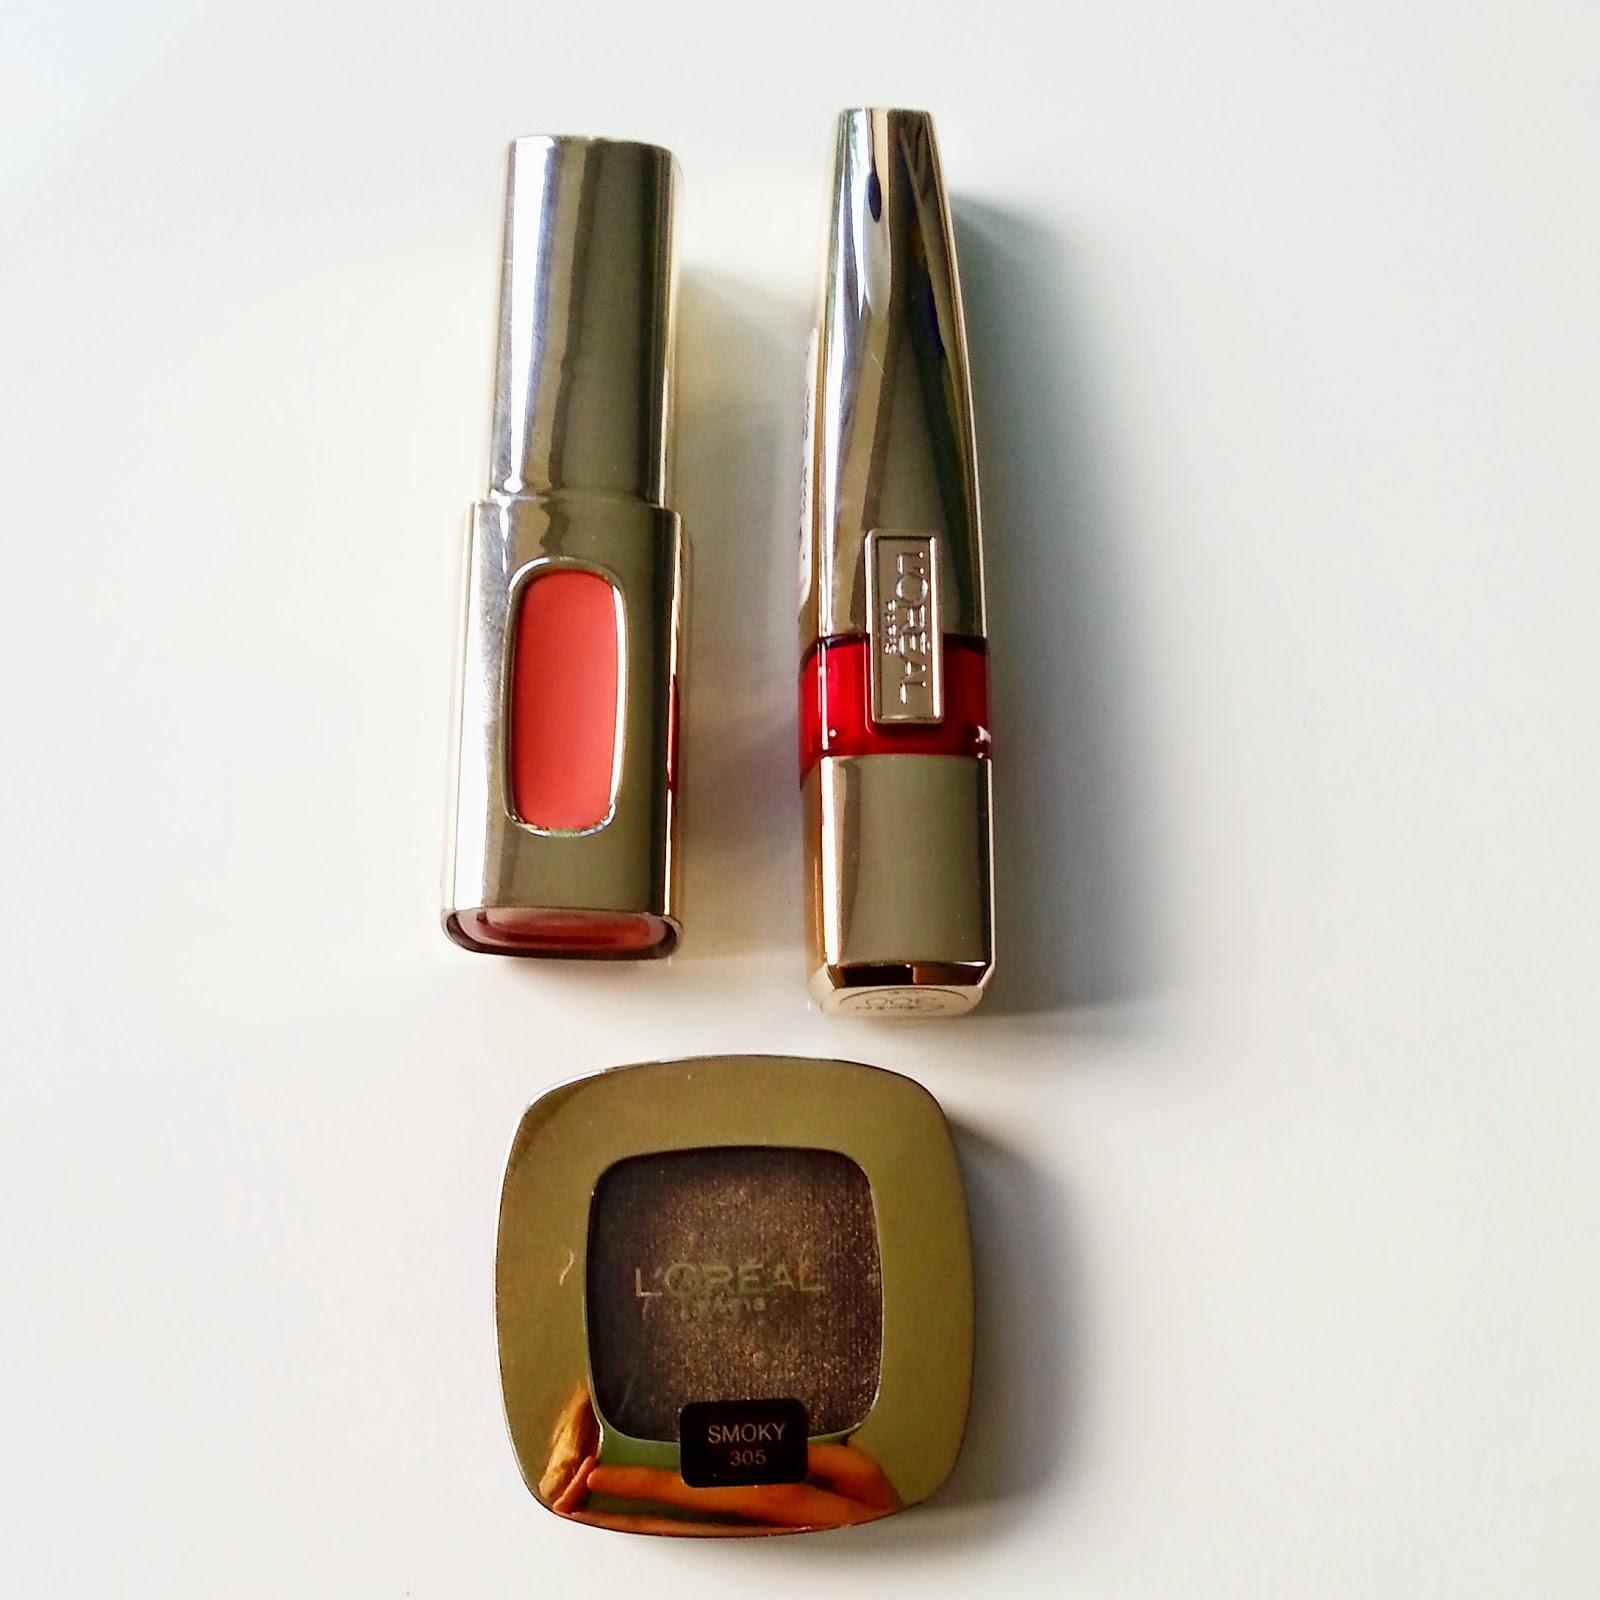 L'Oreal Lipgloss and eyeshadow